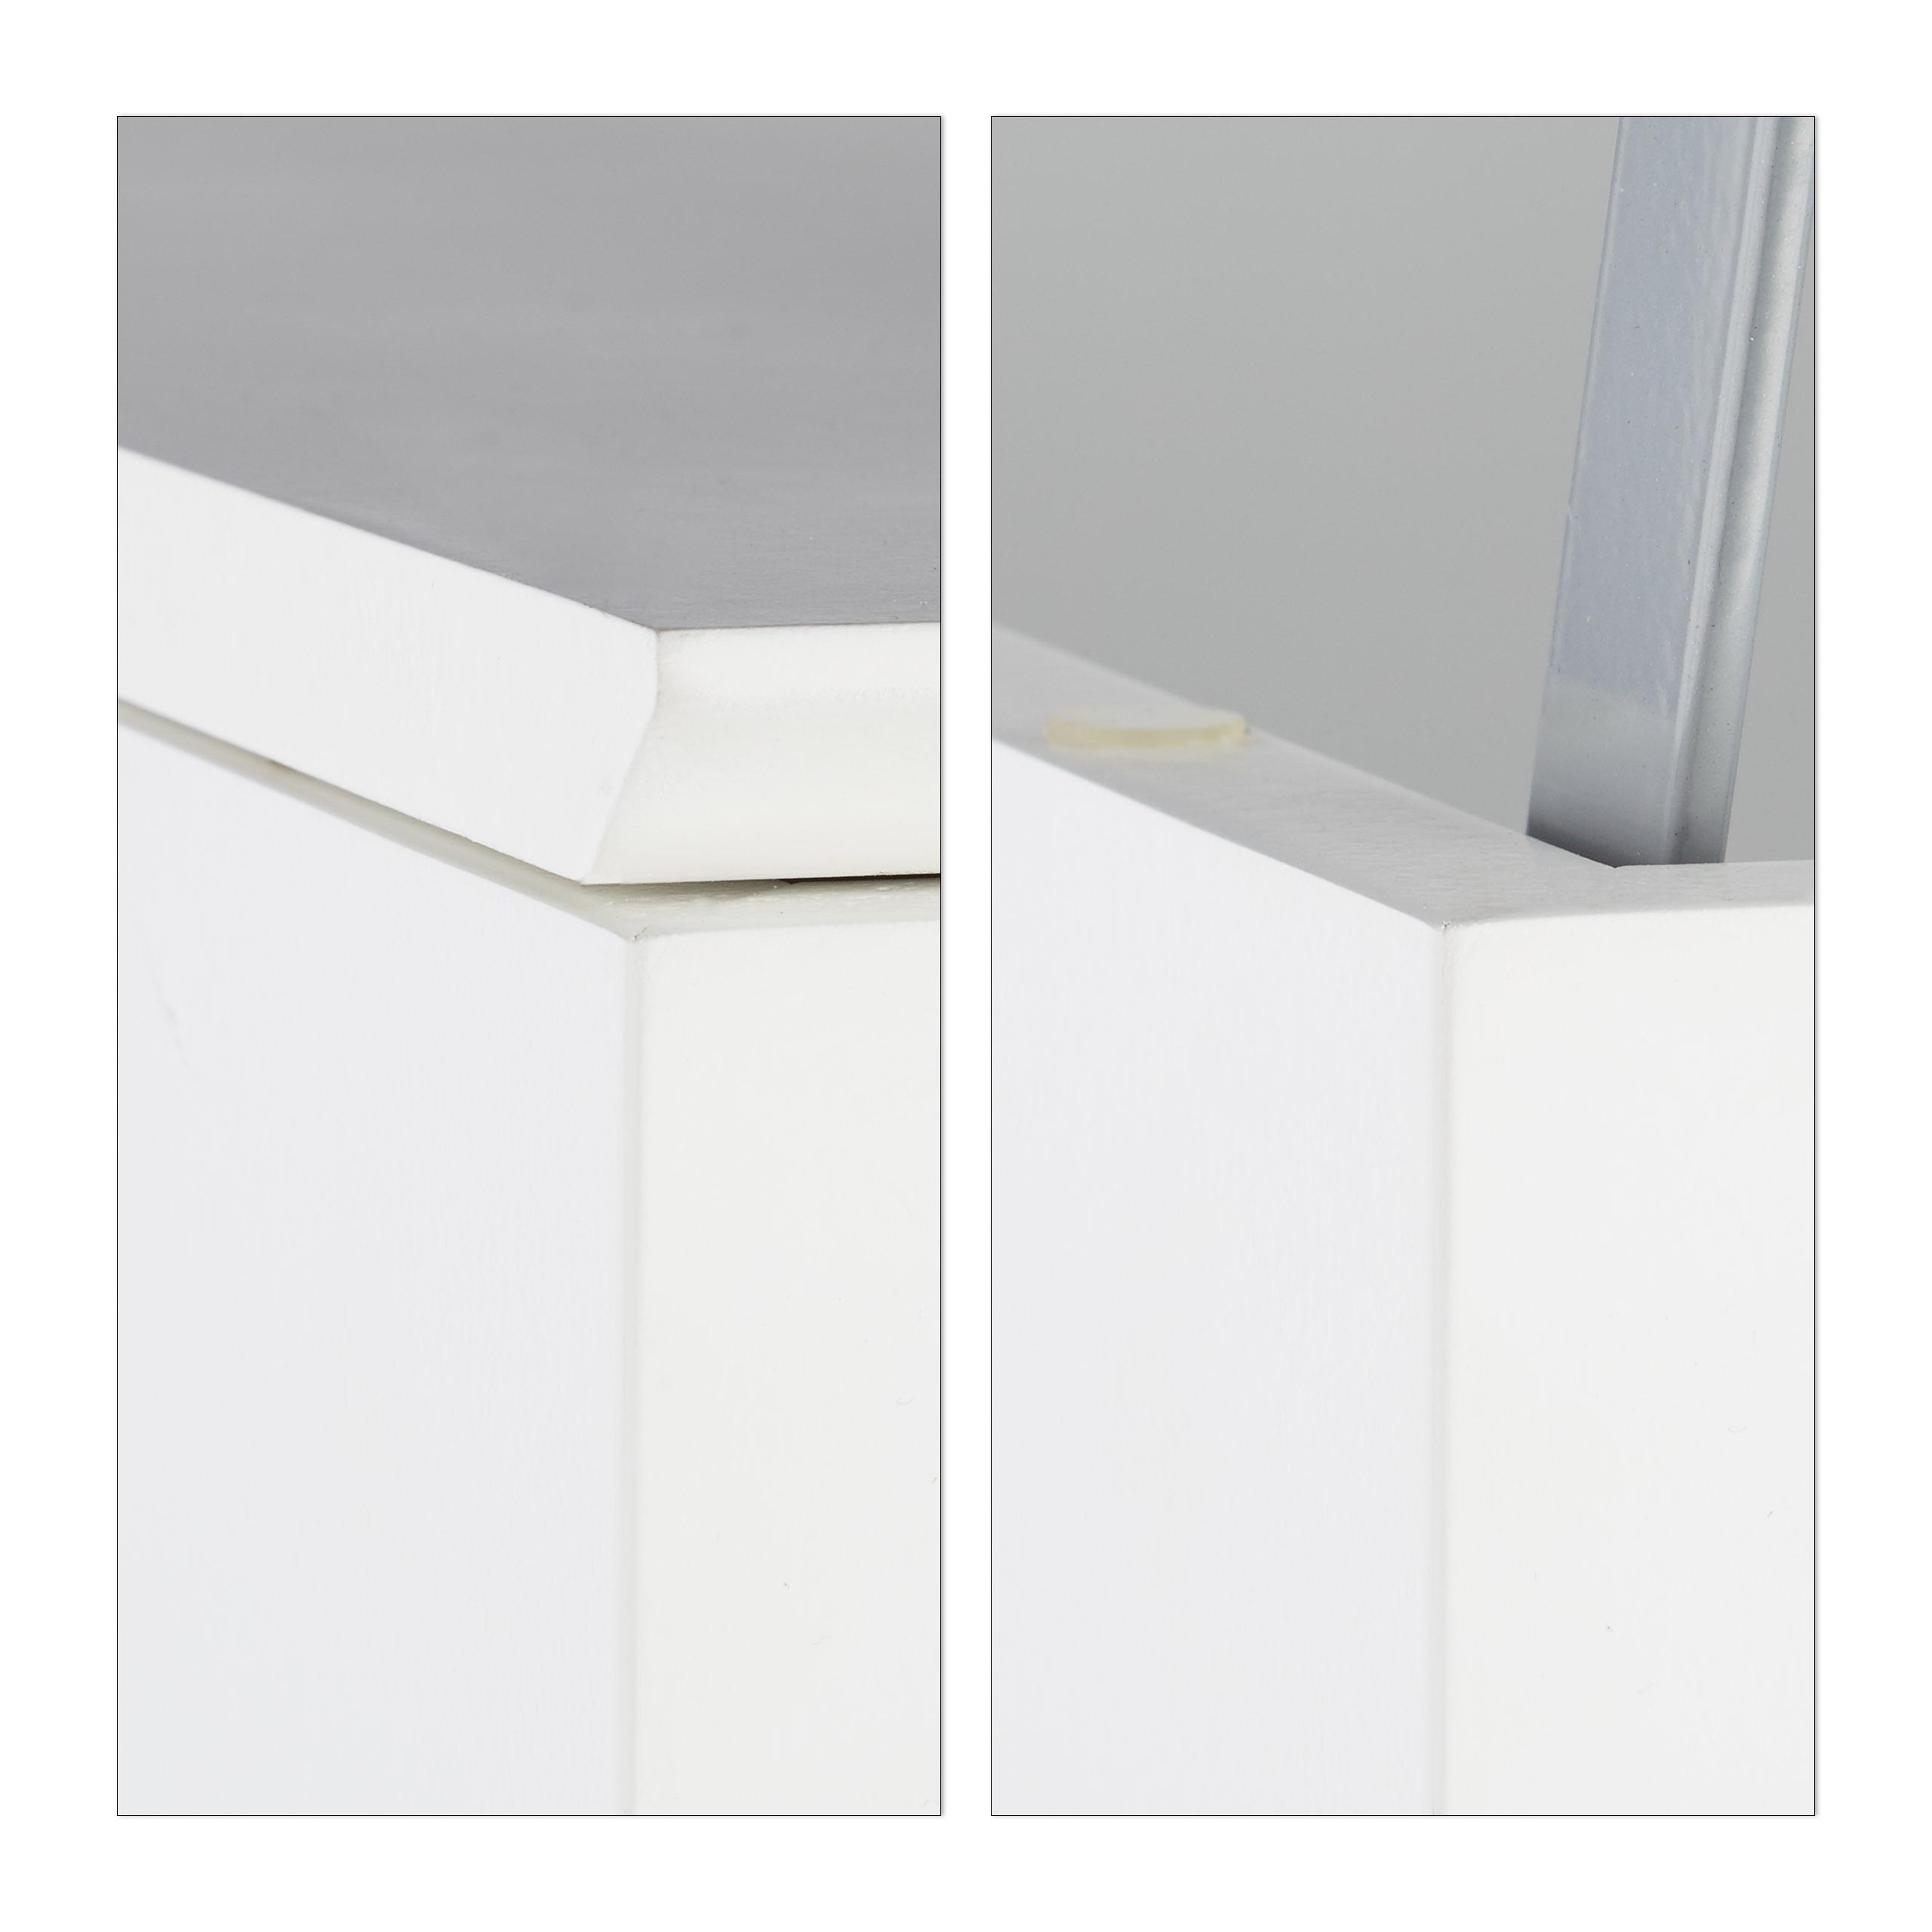 Couchtisch-Lift-Sofatisch-Hebefunktion-Wohnzimmertisch-Designtisch-Stauraum Indexbild 9